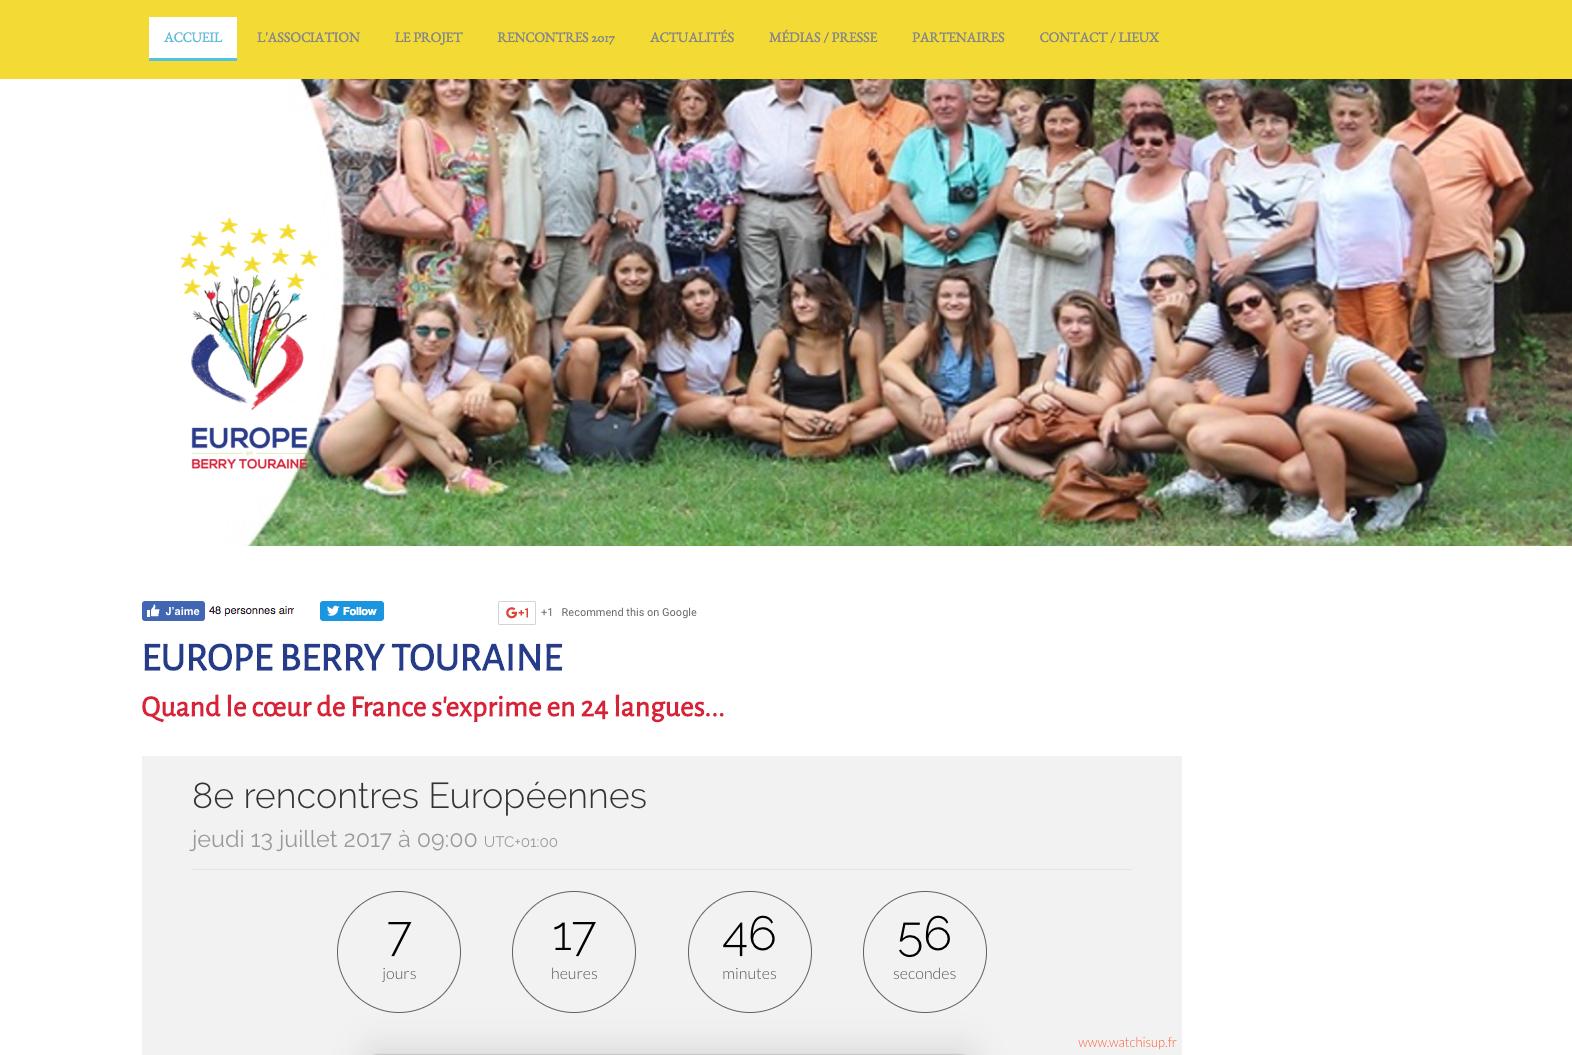 https://www.europeberrytouraine.fr/